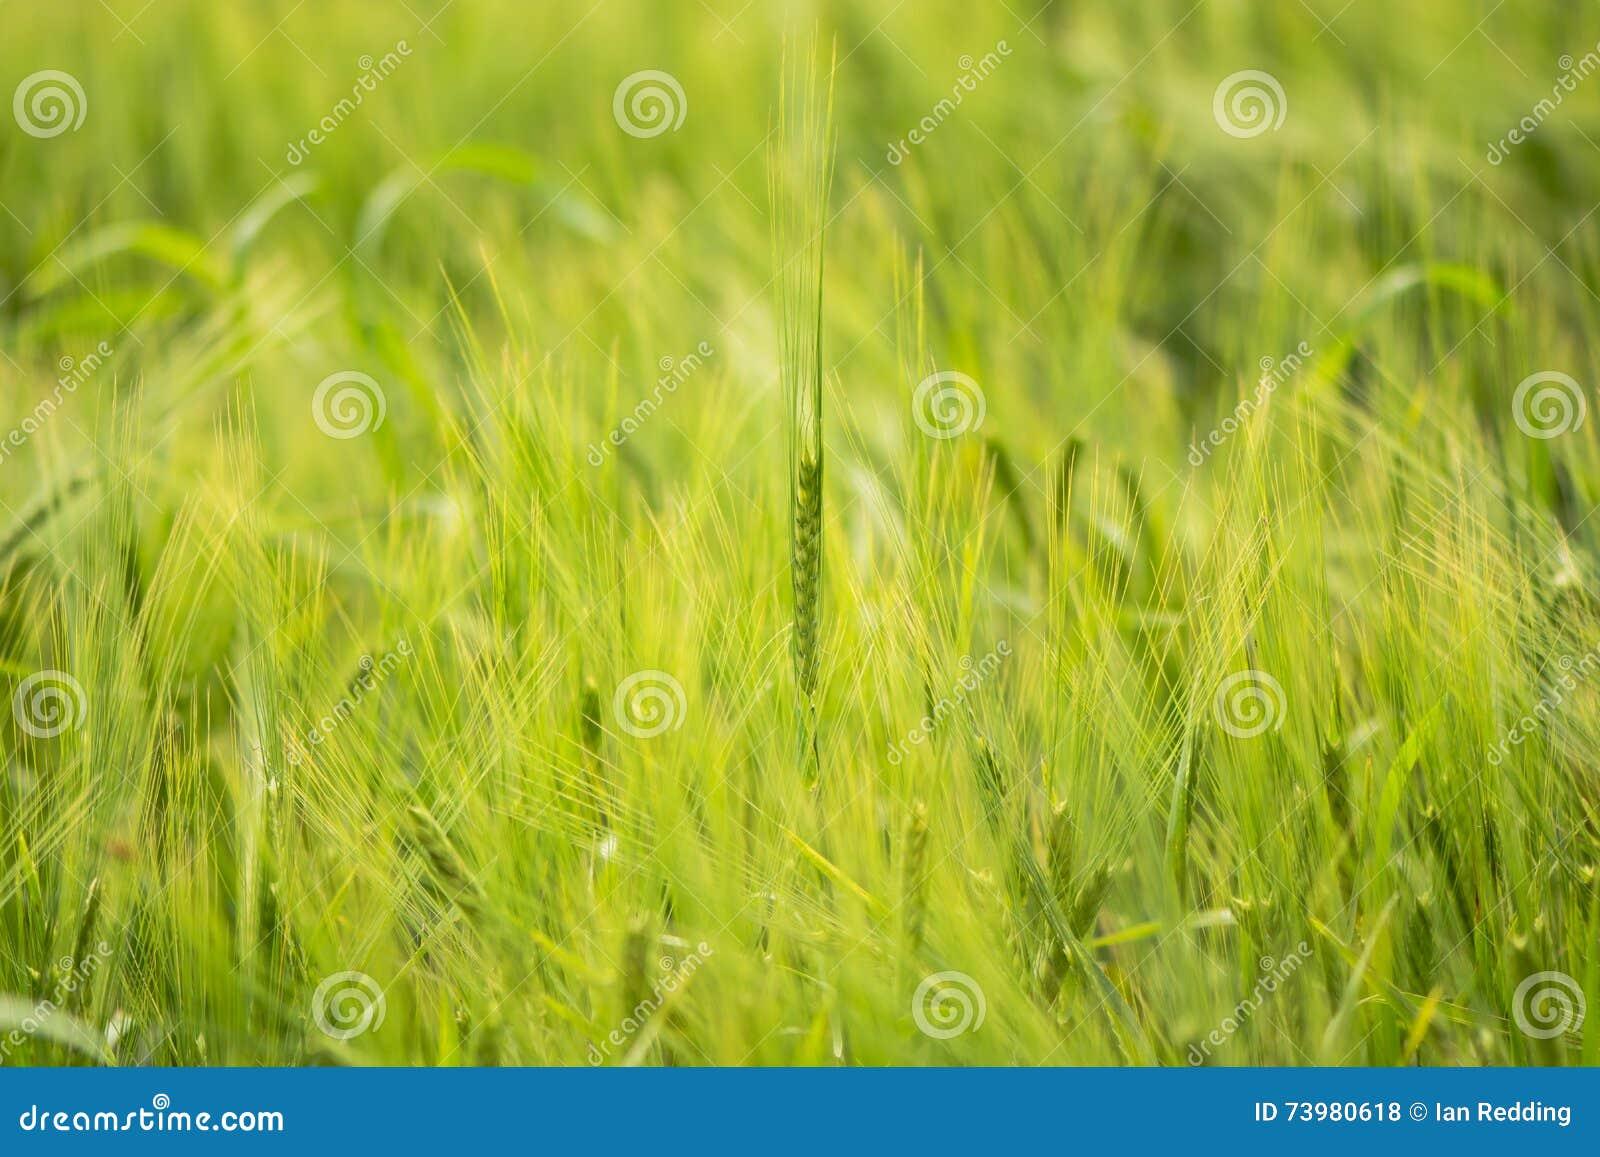 Rzędu jęczmienny dorośnięcie w polu (Hordeum vulgare)